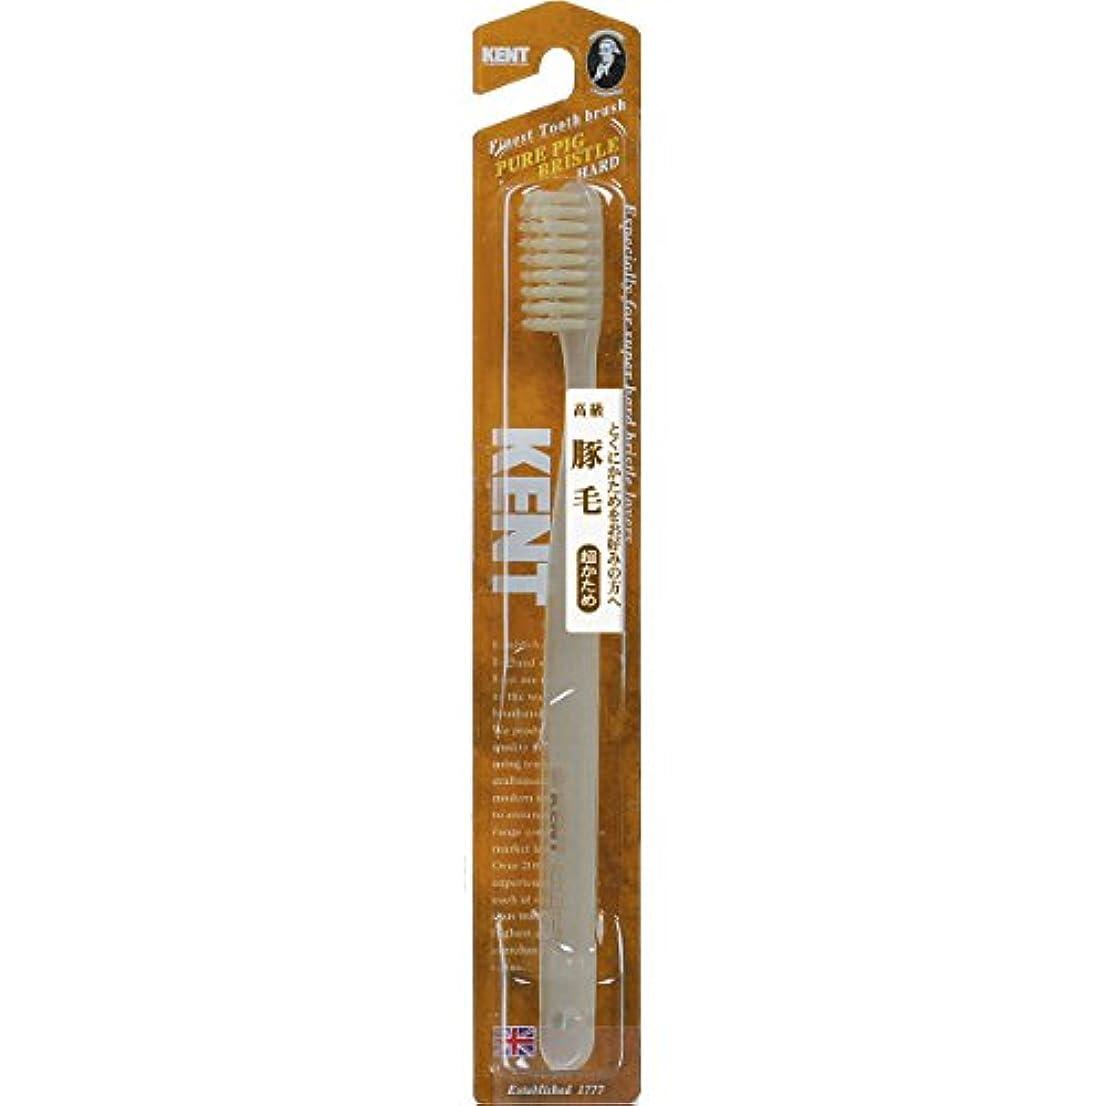 漂流準備ができて十分KENT 豚毛歯ブラシ ラージヘッド 超かため KNT-2433 ×6個セット